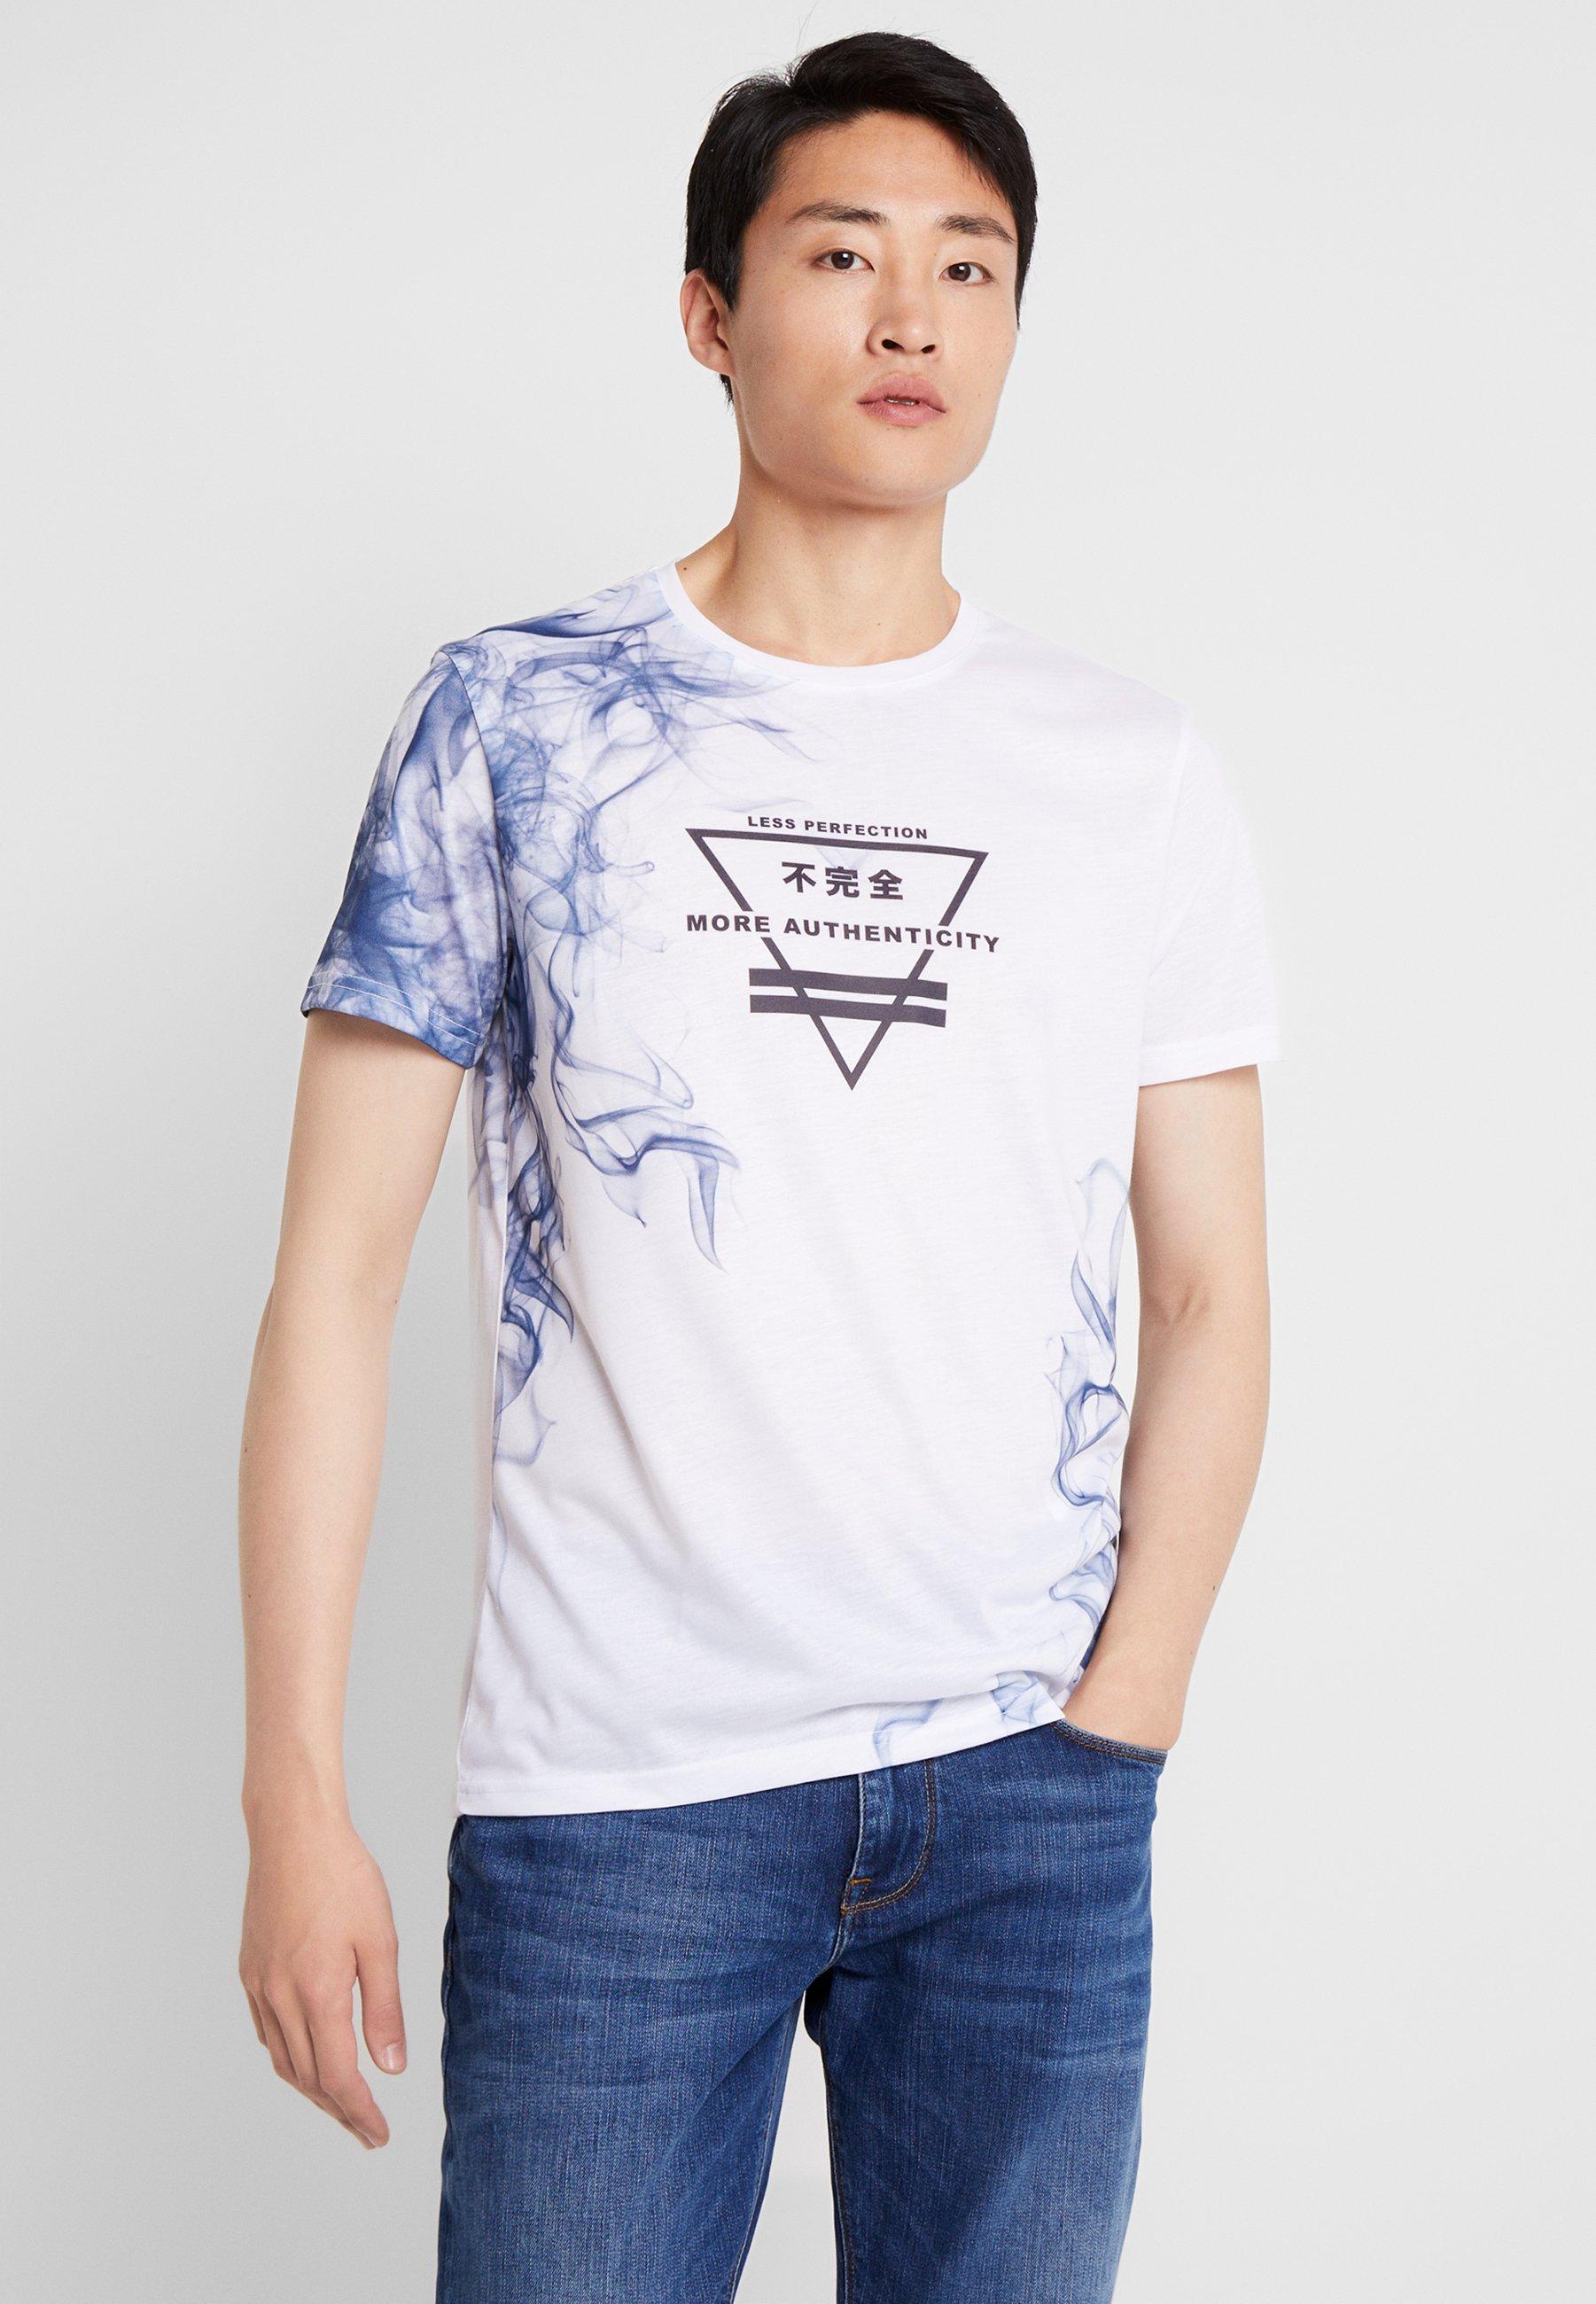 One Pier T shirt ImpriméWhite ImpriméWhite Pier shirt One T Pier txshdBrQC